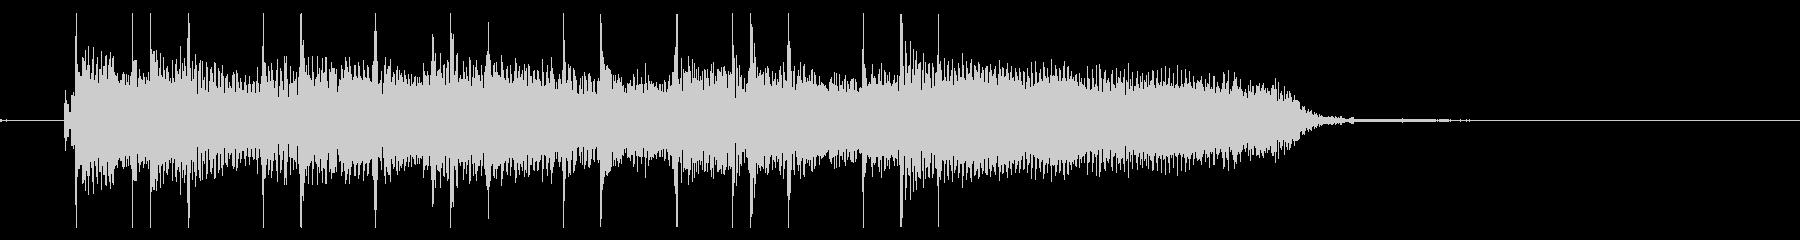 サウンドロゴ、ジングル、エレキギターの未再生の波形